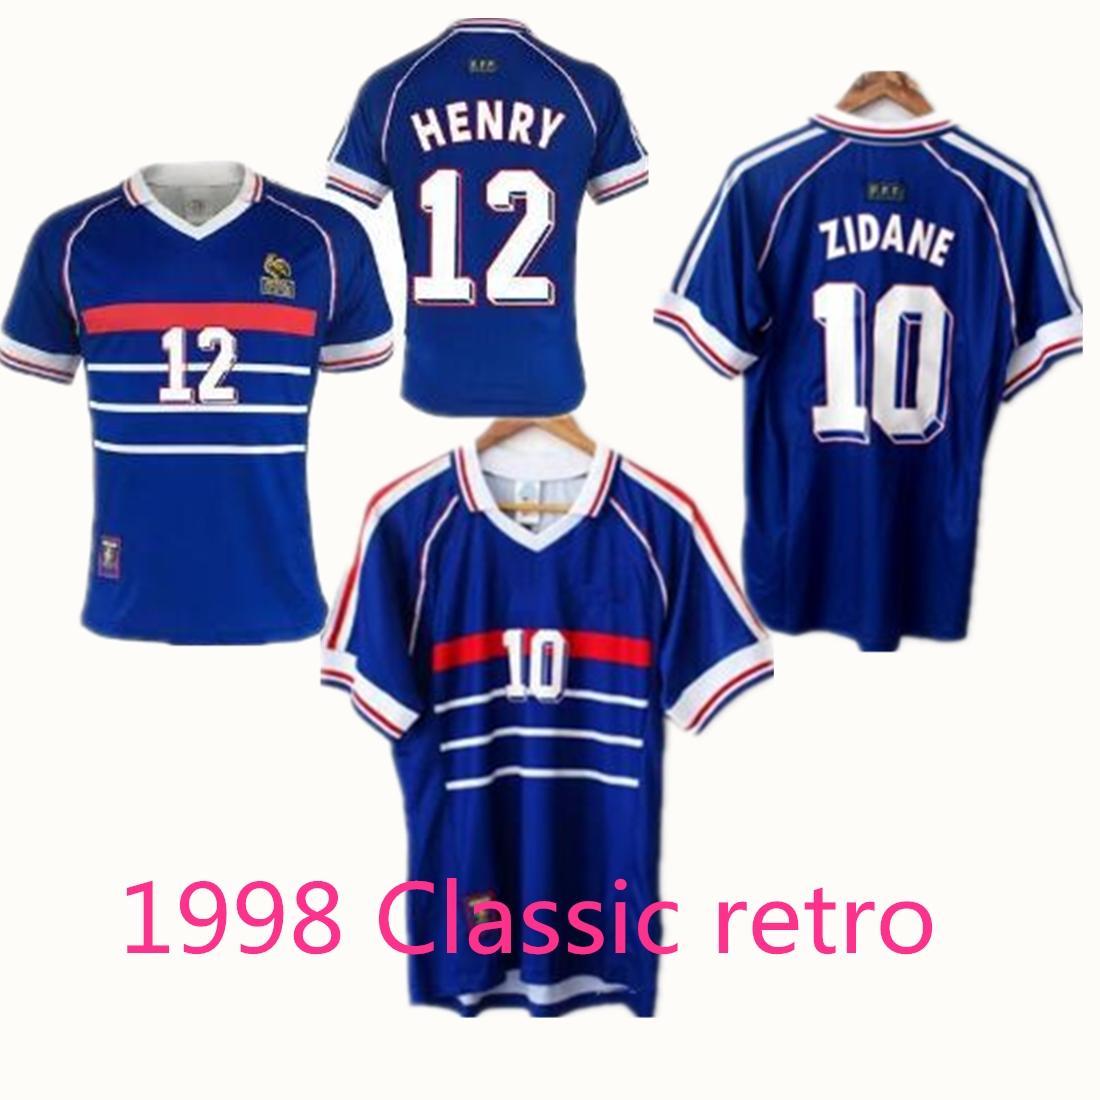 camicia di calcio tuta 1998 Francese shirt retrò Zidane calcio Henry Merlot Forte alta qualità della camicia calcio maschile uniformi per bambini S-XXL